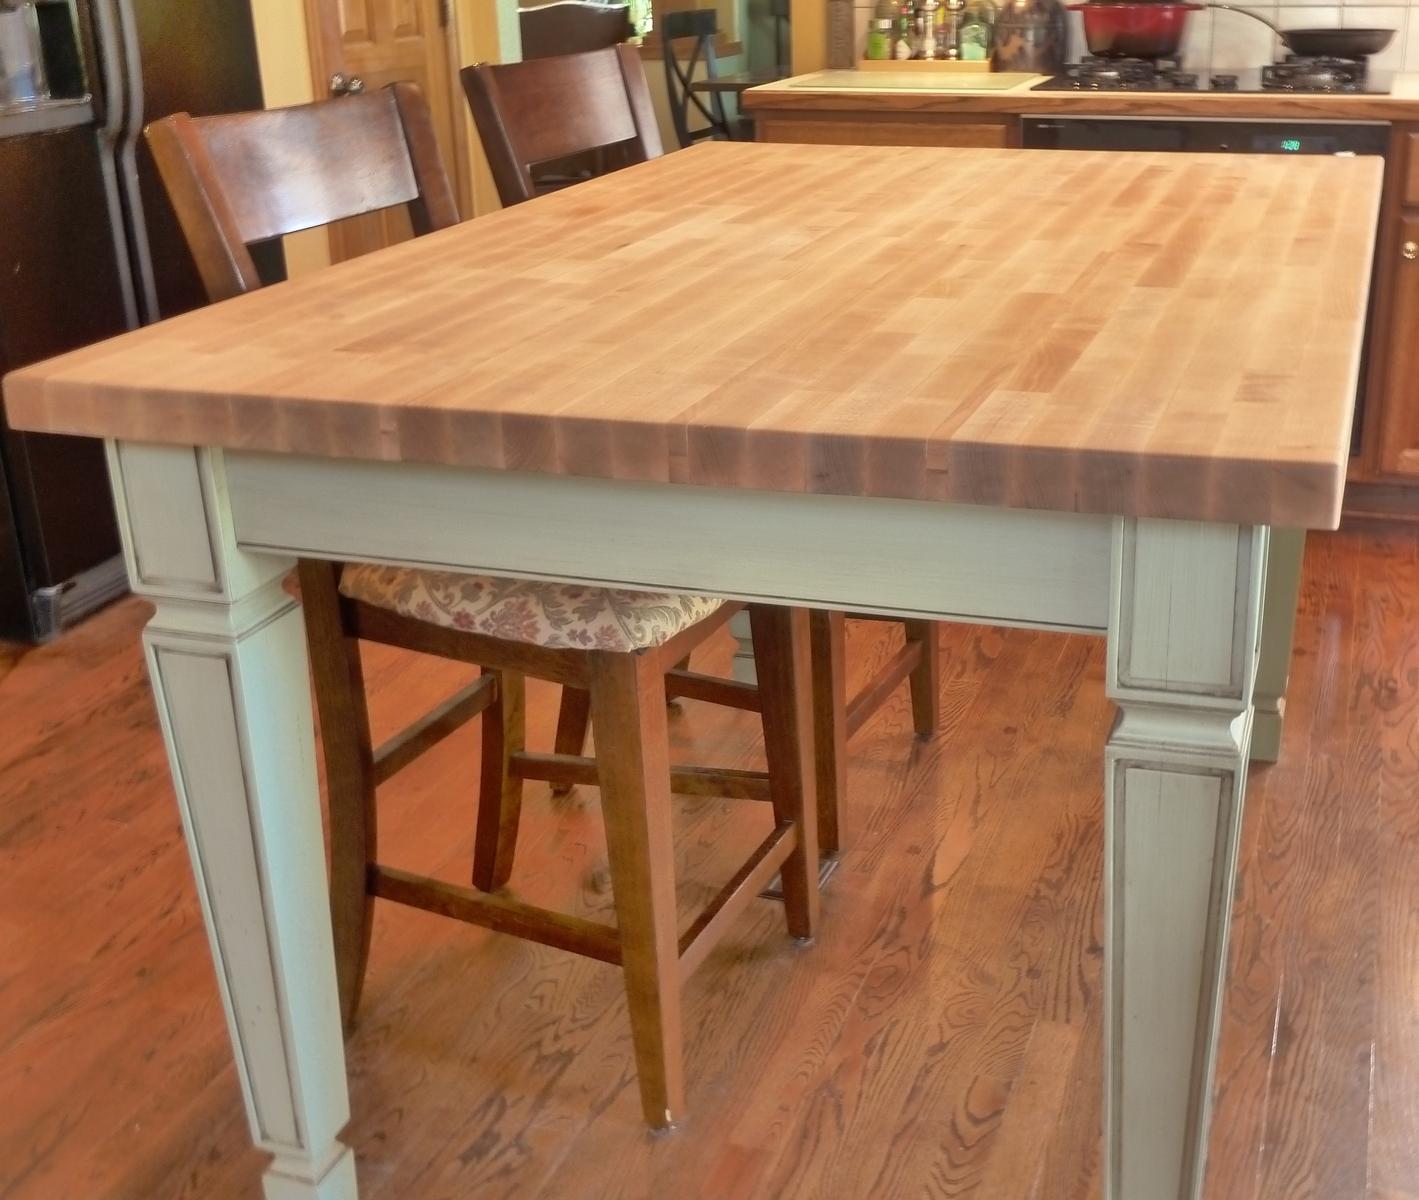 Kitchen Work Tables Black Undermount Sink My Butcher Block Island